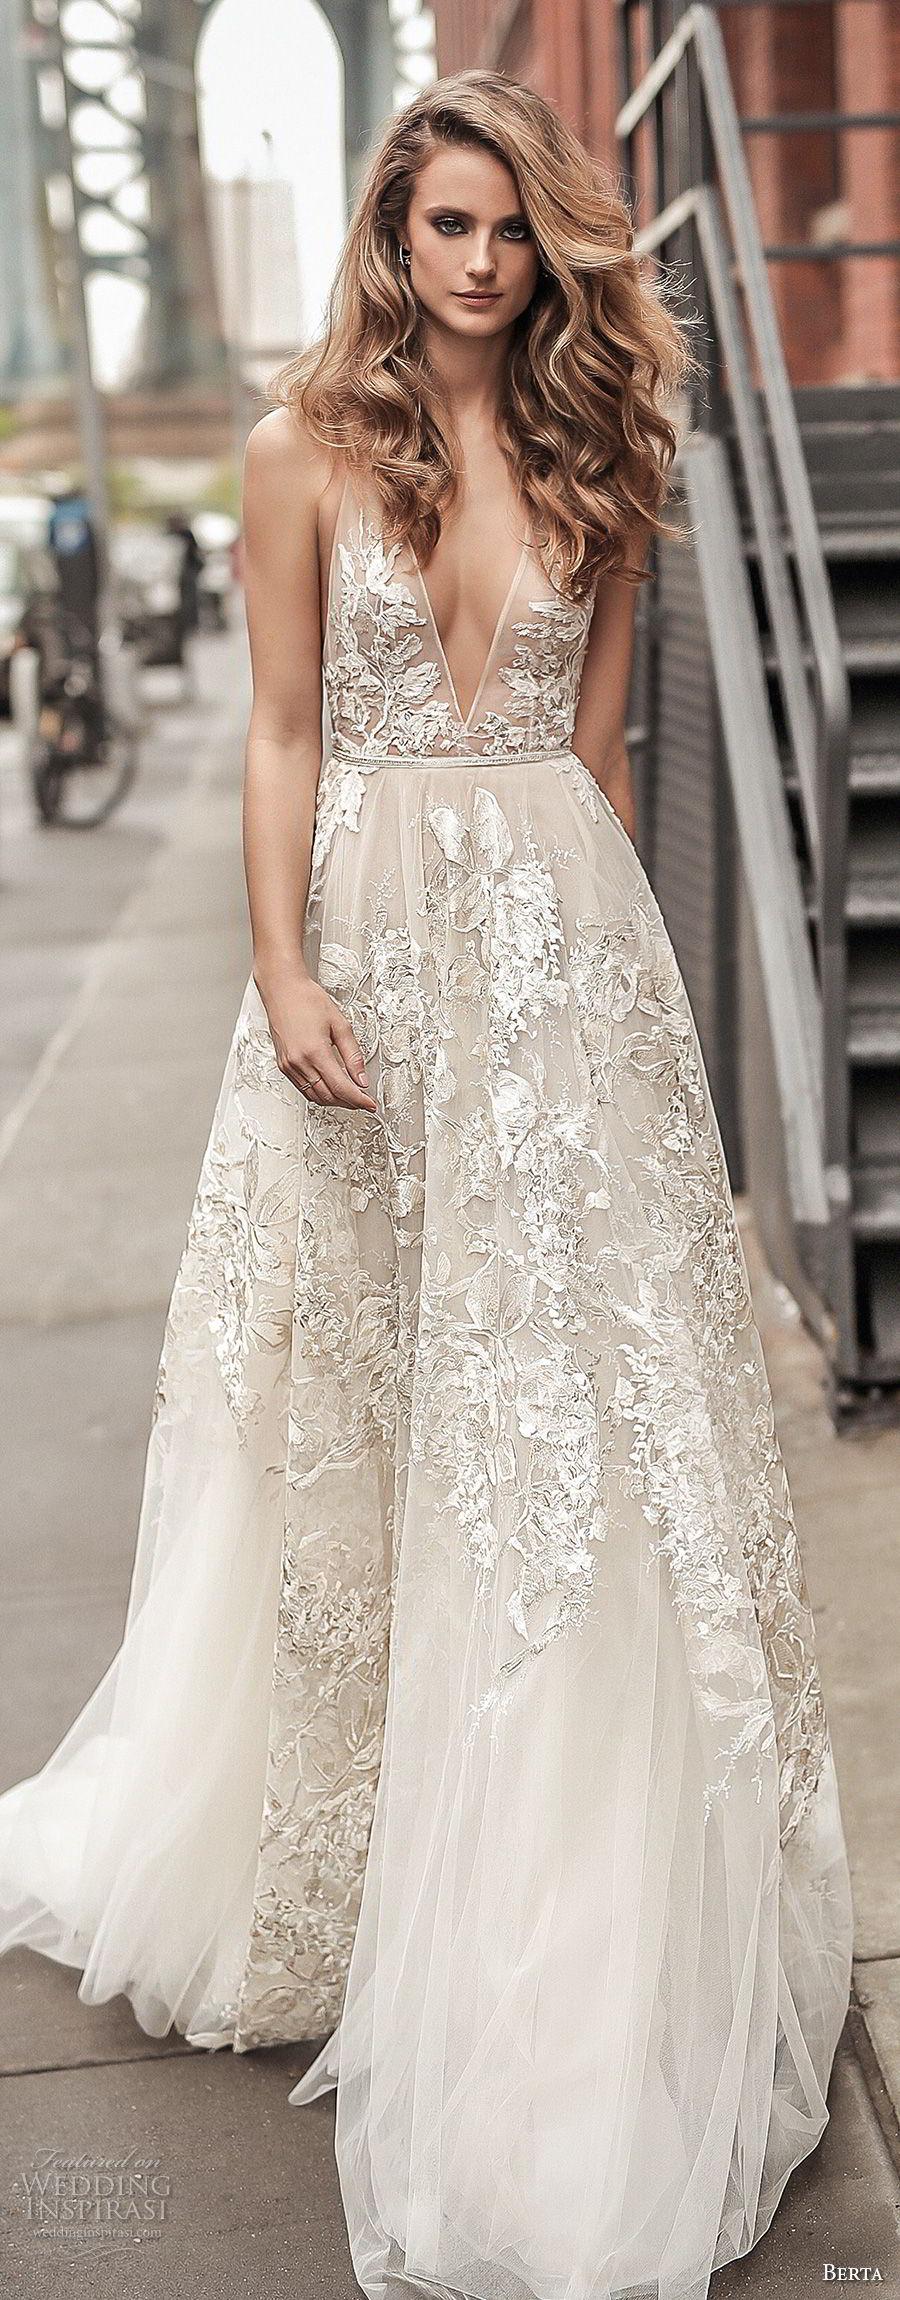 Berta Spring 2018 Wedding Dresses  Campaign Photos  Wedding Inspirasi